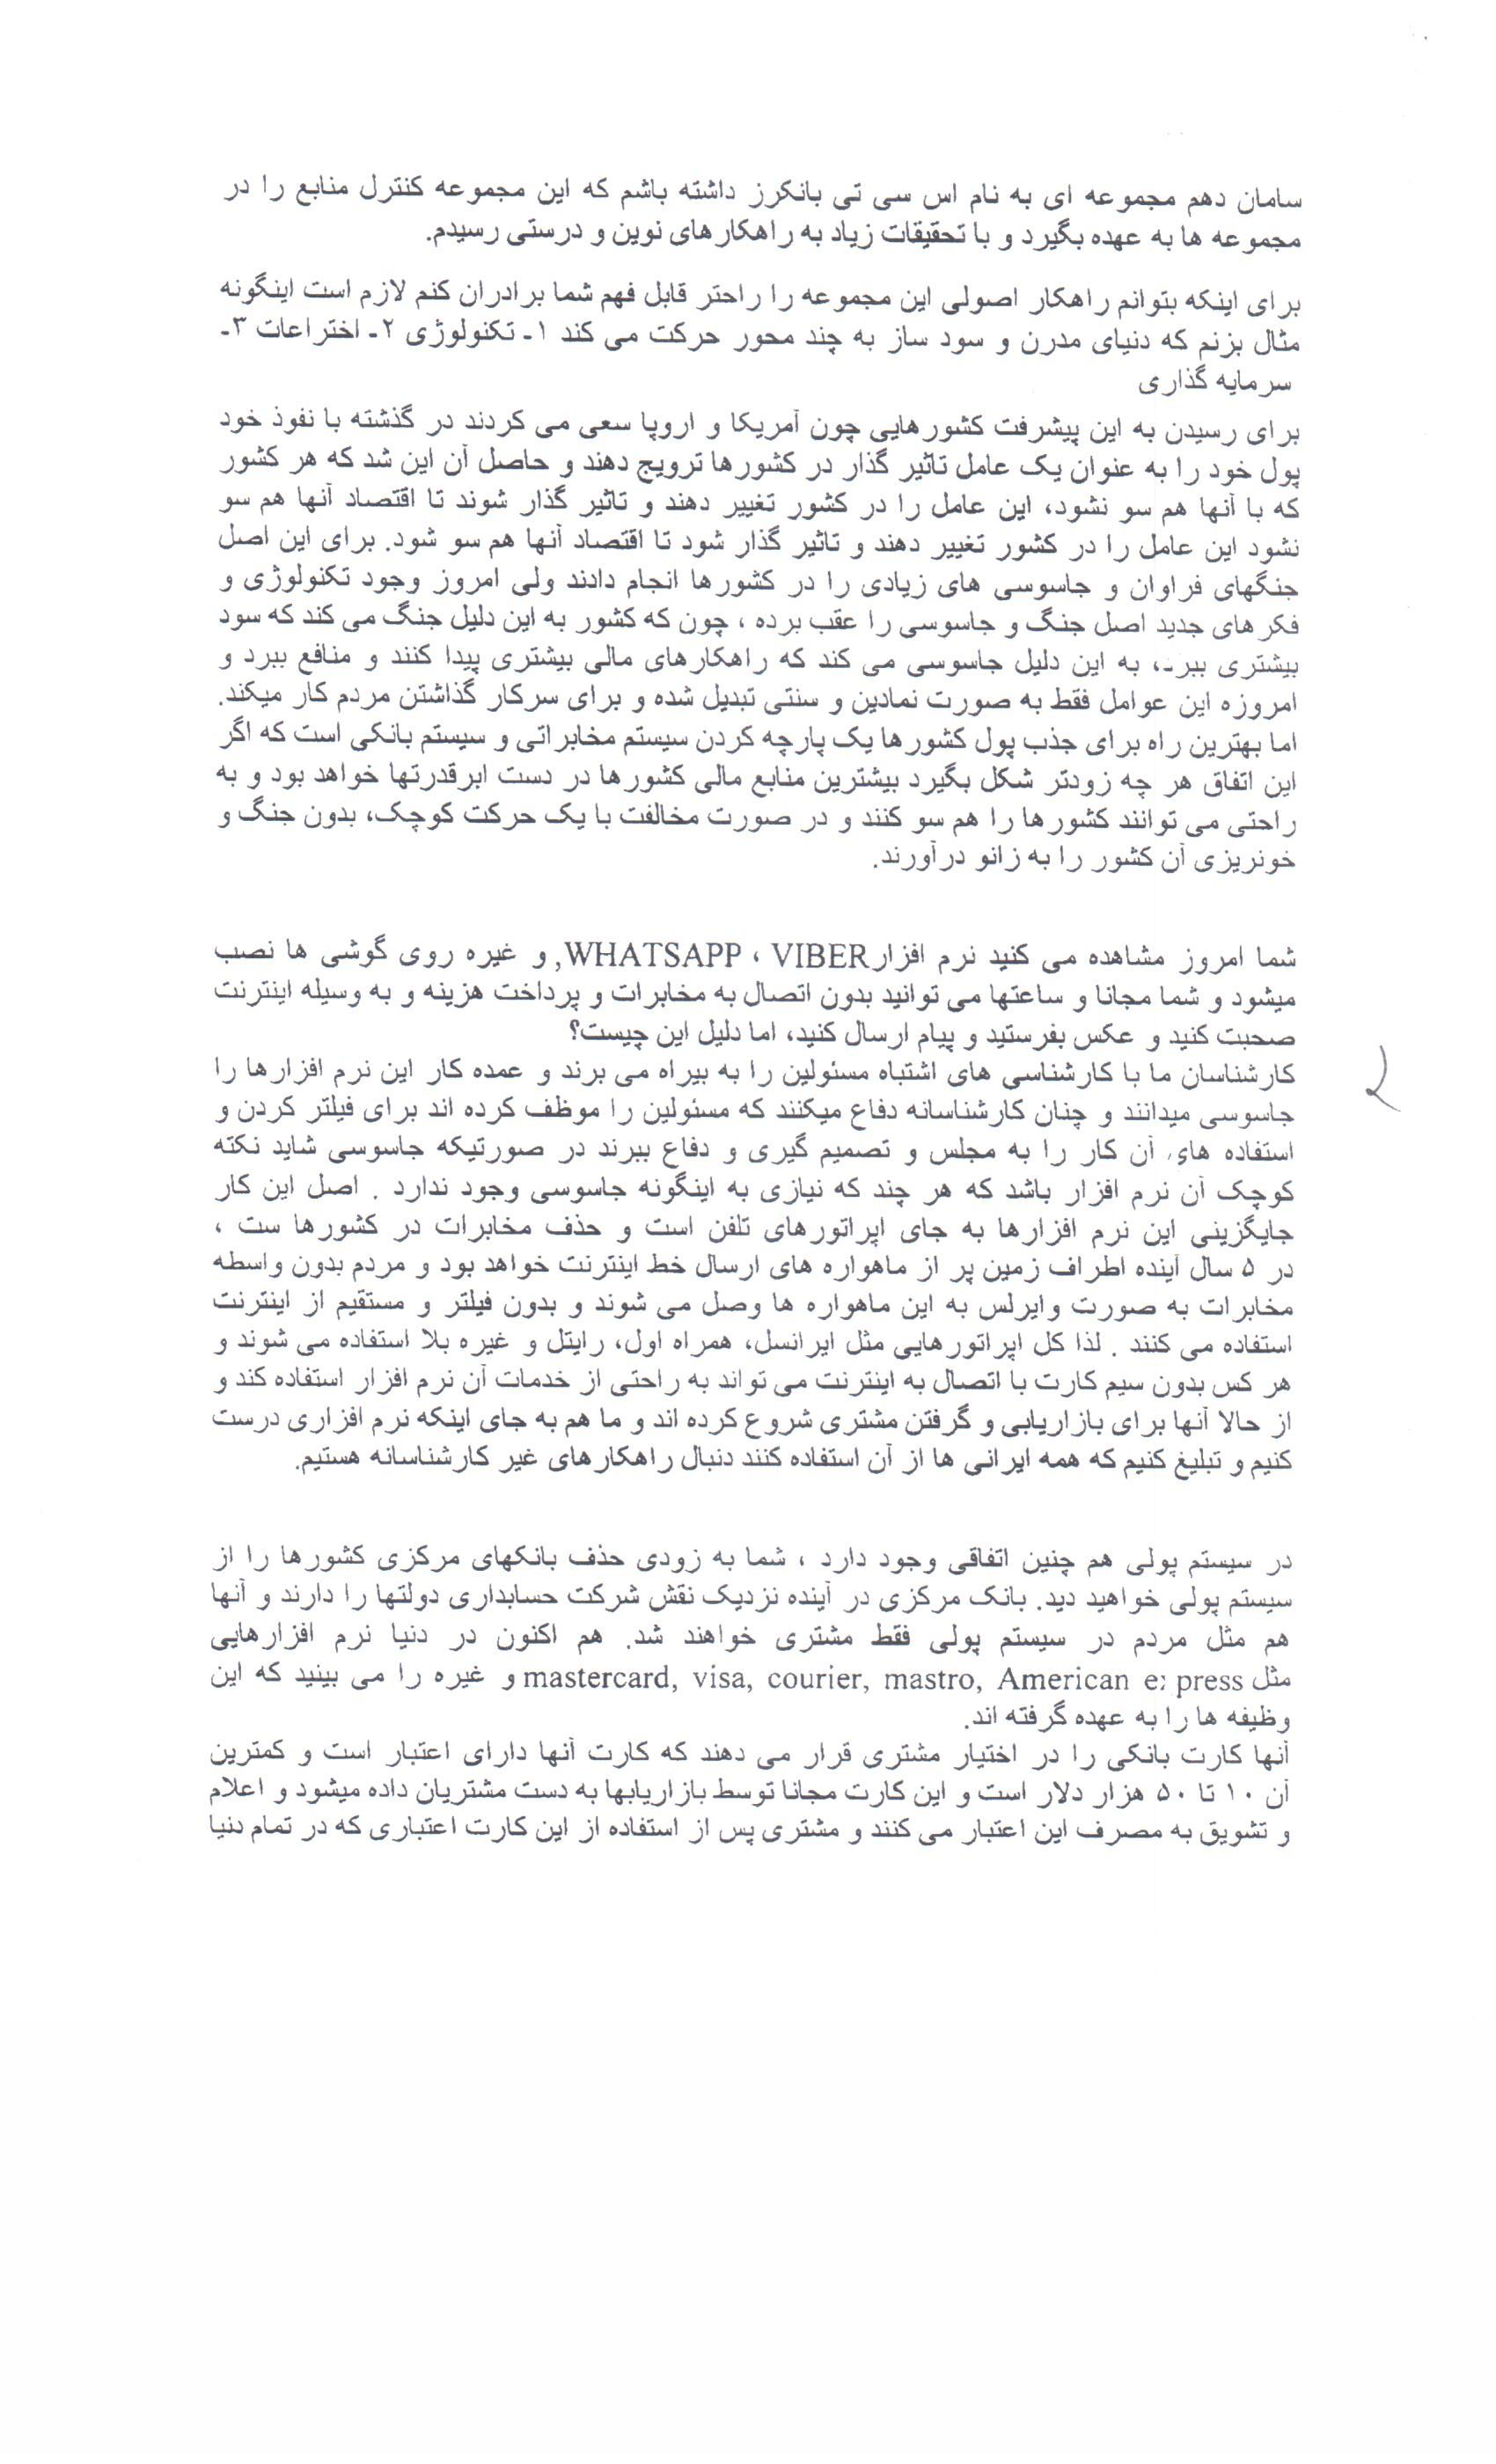 شغل بابک زنجانی دارایی بابک زنجانی دادگاه بابک زنجانی جرم بابک زنجانی ثروت بابک زنجانی